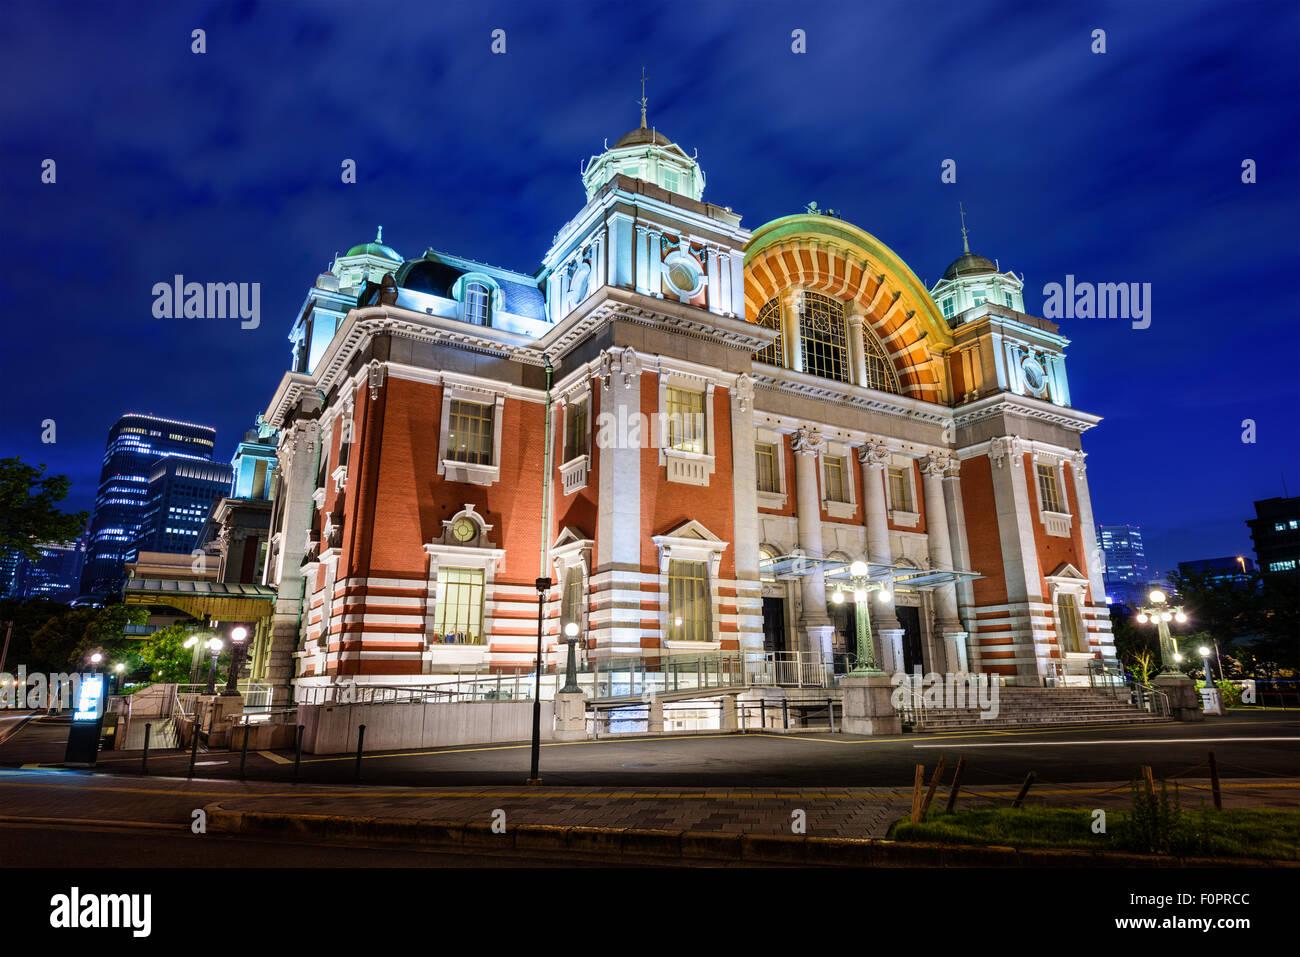 Osaka, Japón en Osaka Hall público central que data de 1918. Imagen De Stock